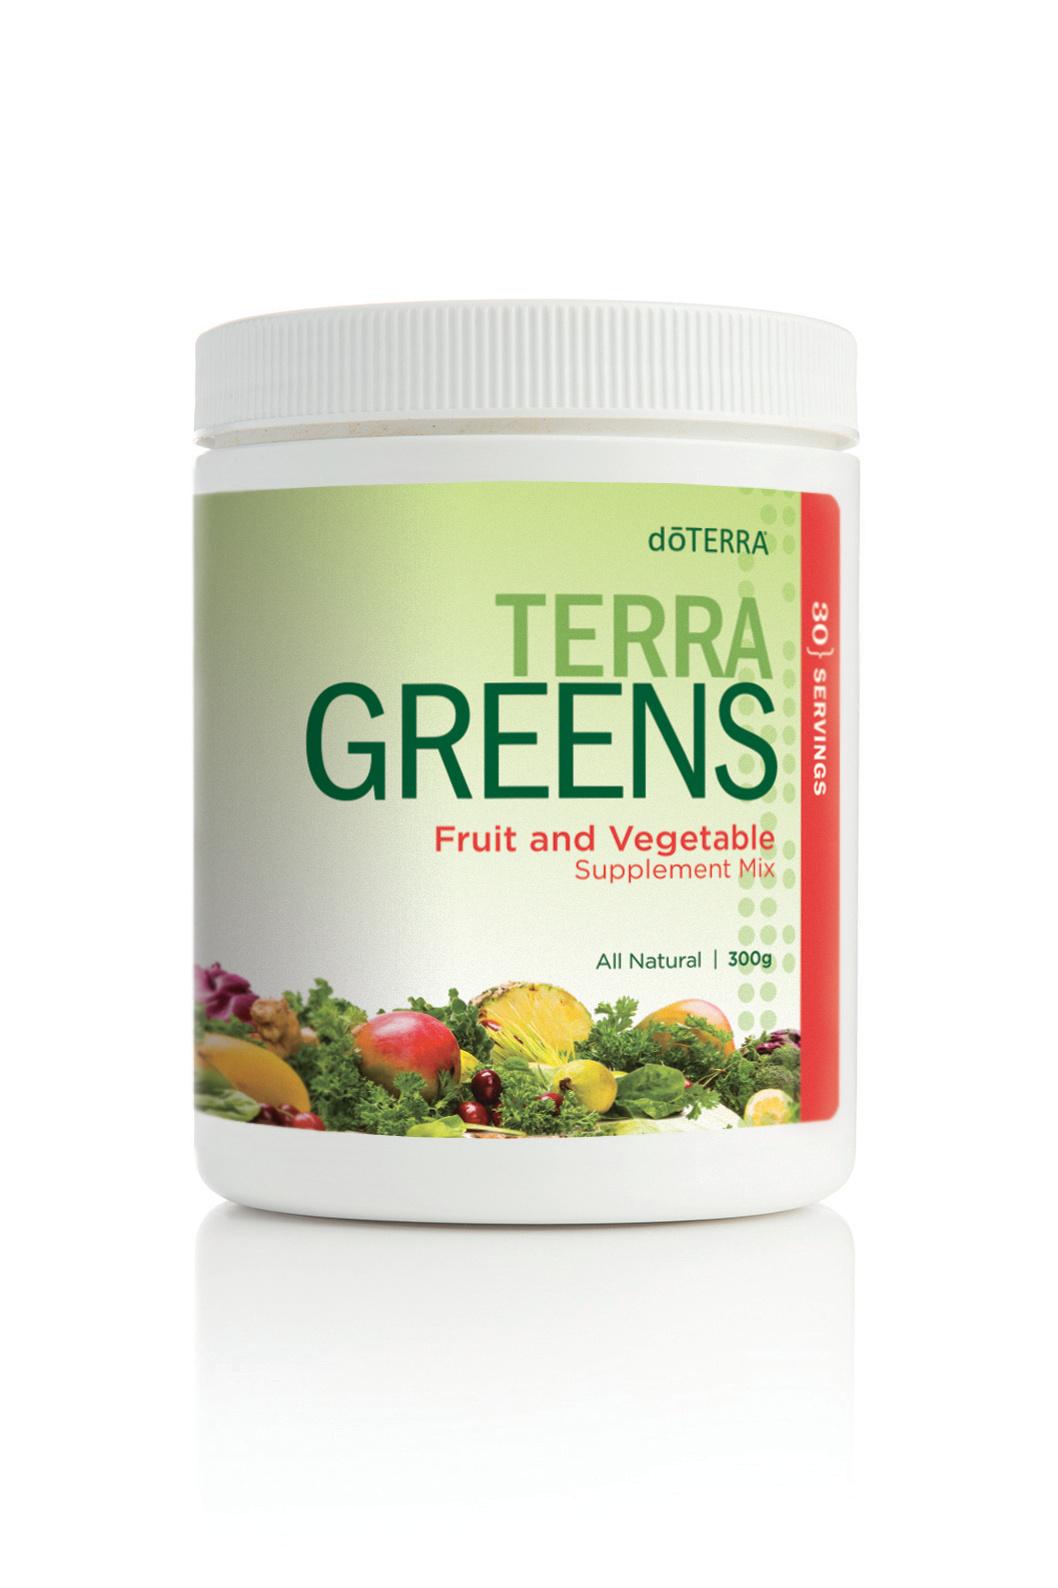 terragreens[1]